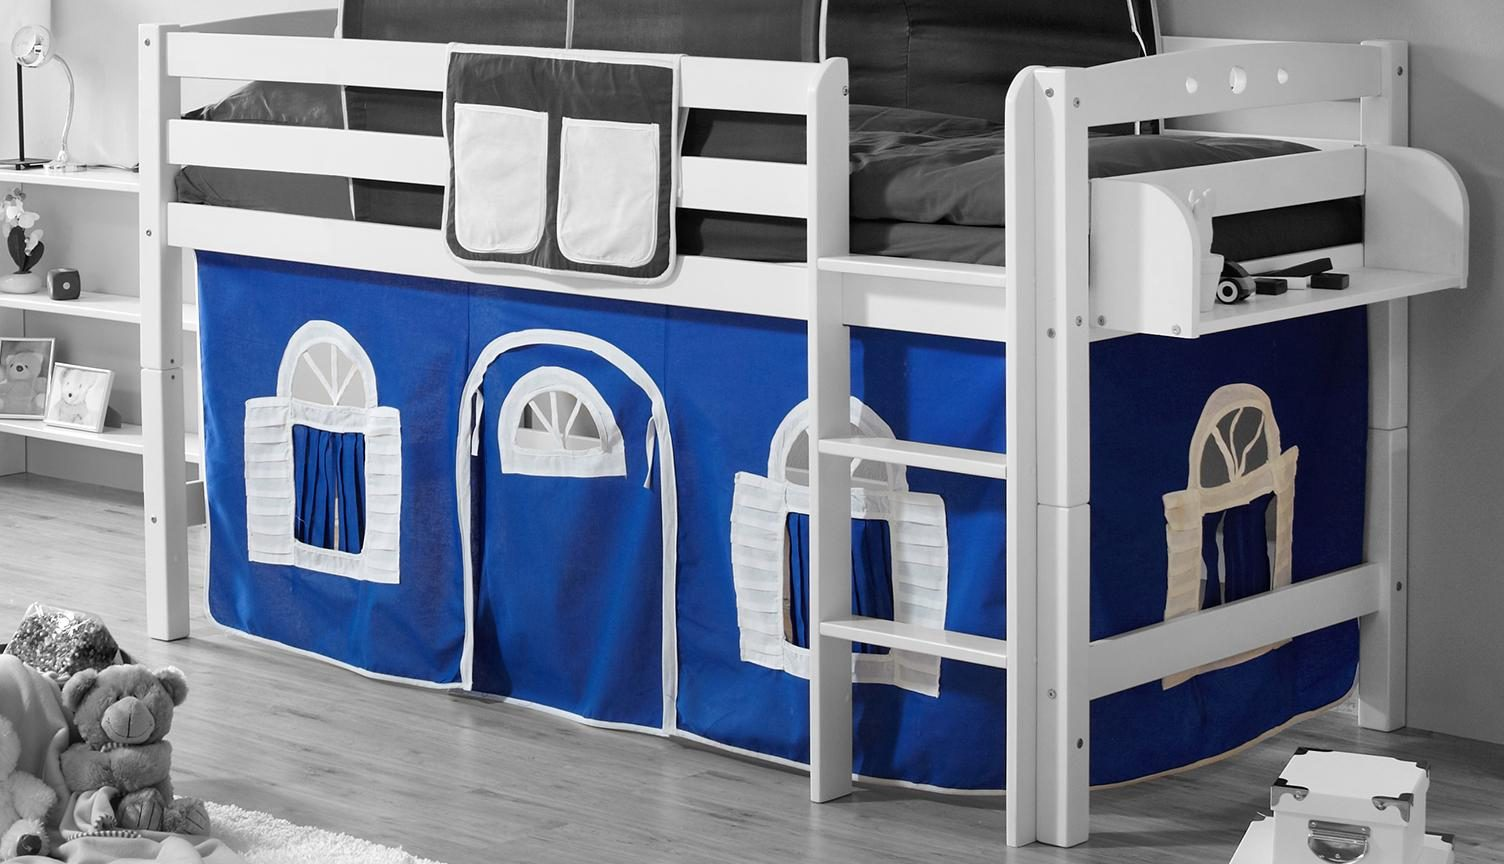 Ticaa Etagenbett Vorhang : Ticaa hochbett malte kiefer weiß goal inkl vorhang amazon